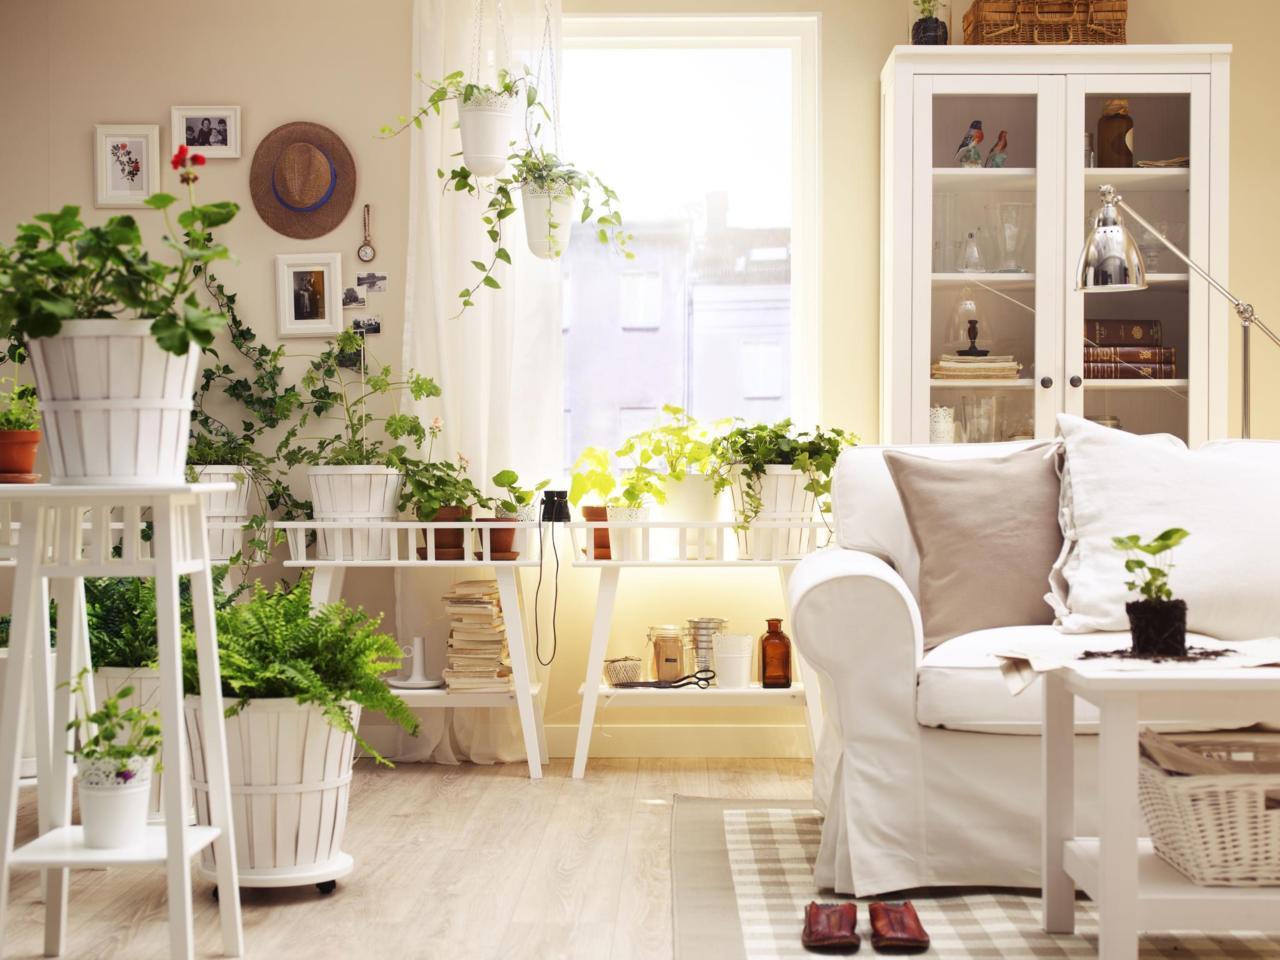 客厅 沙发 清新 田园图片来自用户2772840321在22款个性客厅 美丽家装迎接美丽的春天的分享